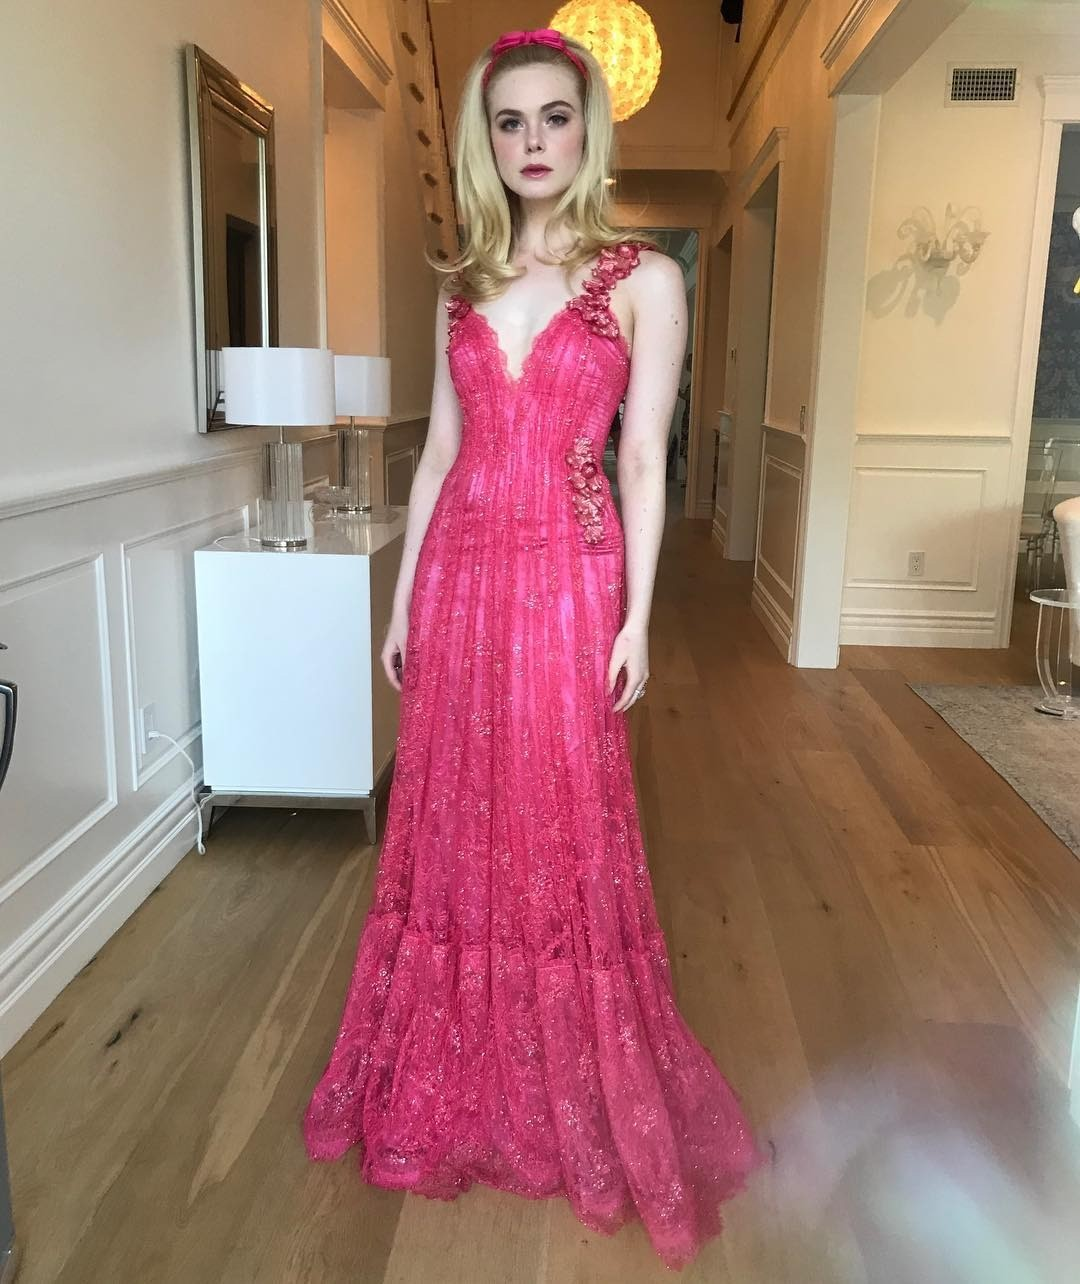 Единственная девушка, которая, на наш взгляд, может примерить на себя такой вот образ Барби, — Пэрис Хилтон. Эль Фаннинг не менее красивая и милая, но розовый тюль в стеклярусе не ее стез...